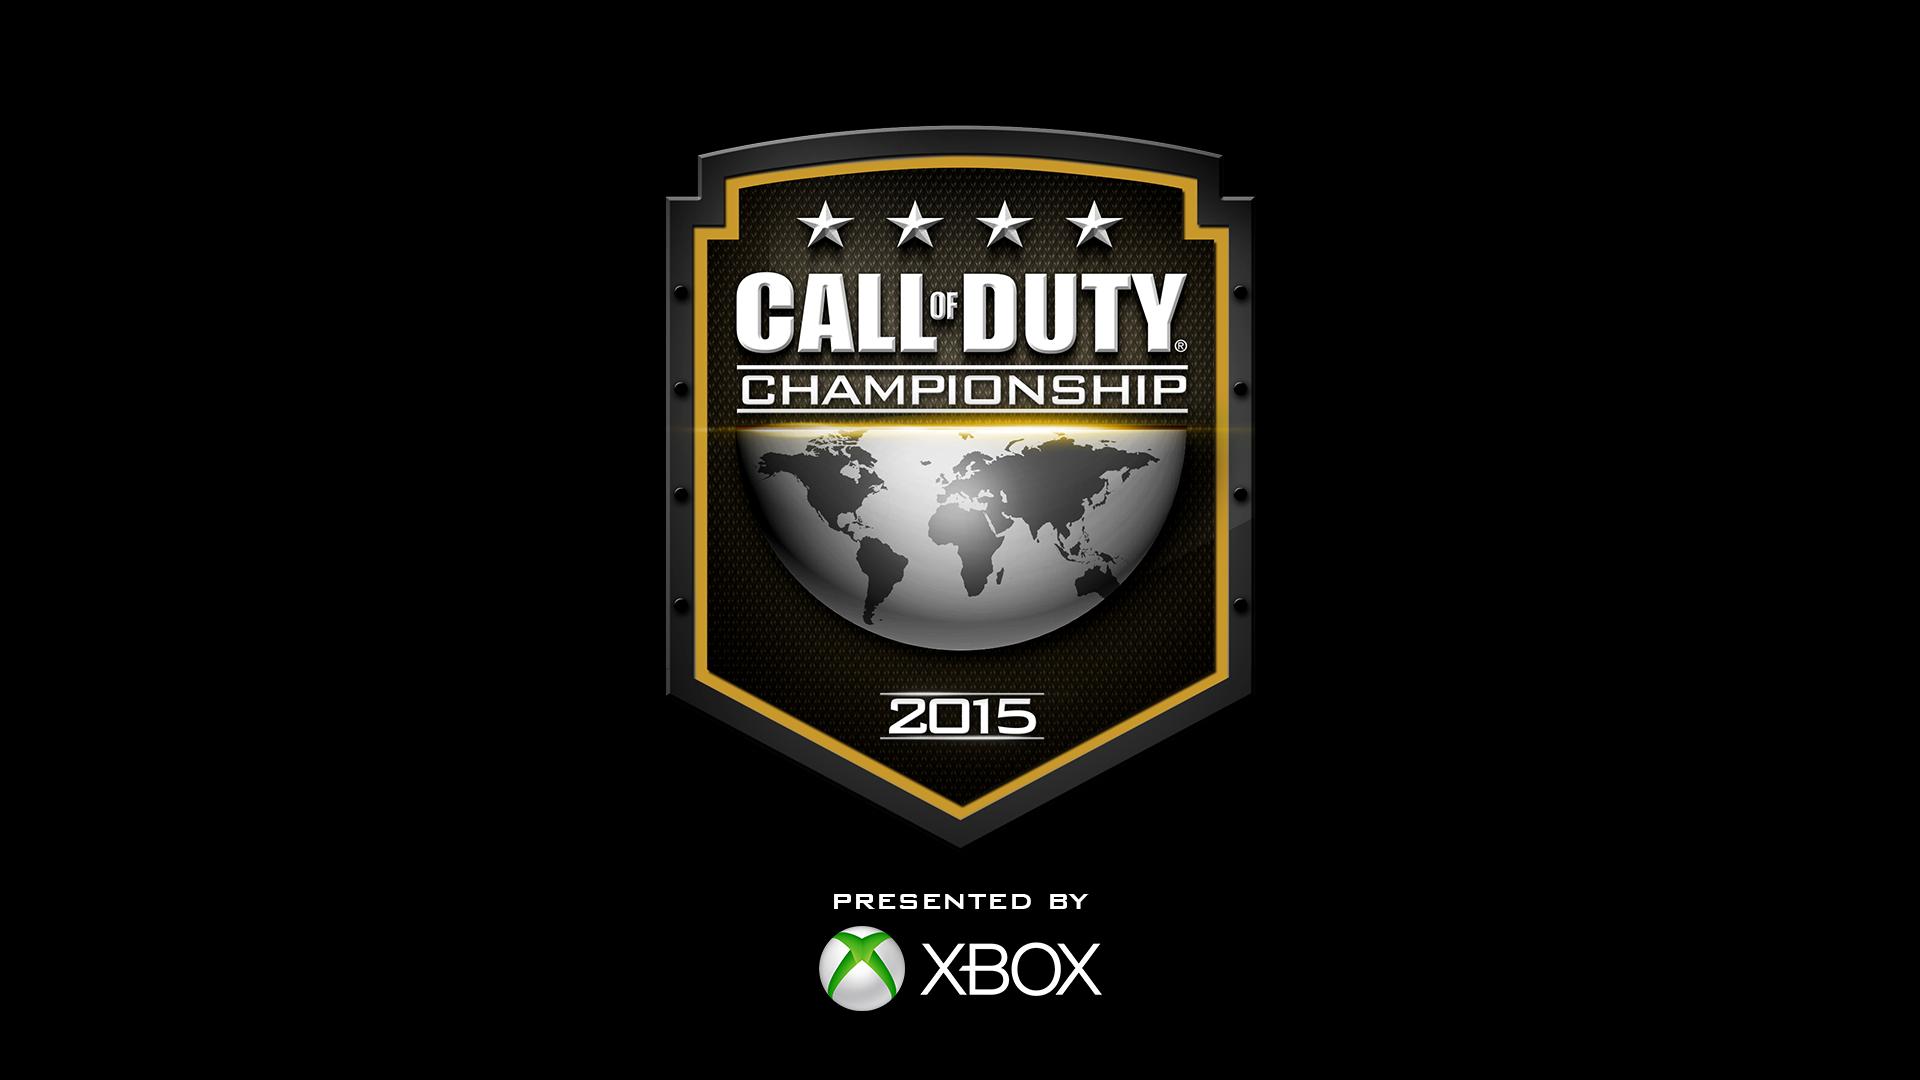 Call Of Duty Advanced Warfare Championship Announced